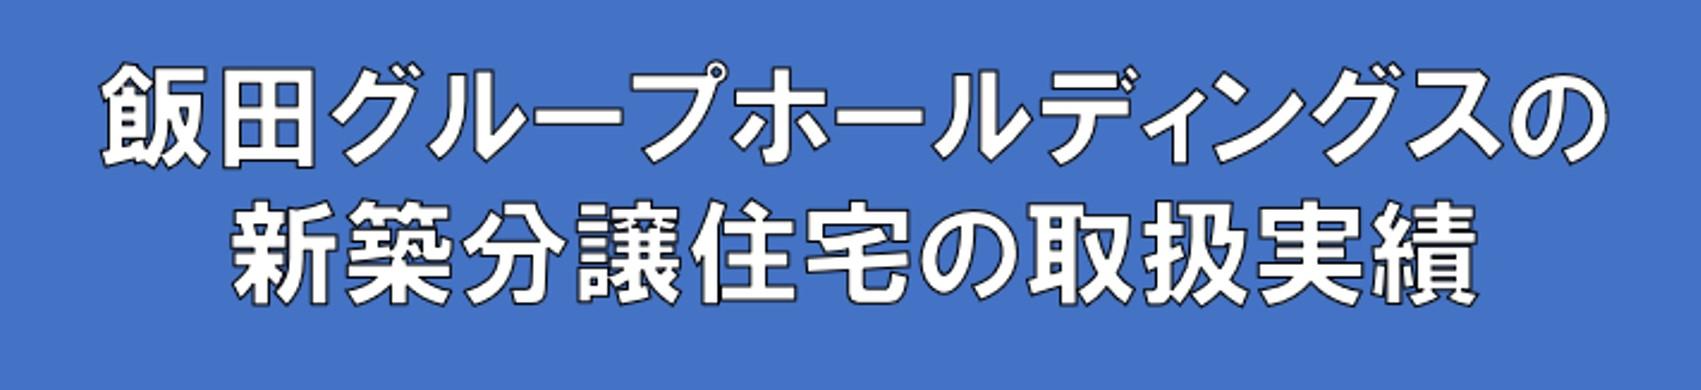 飯田グループホールディングス の建売住宅